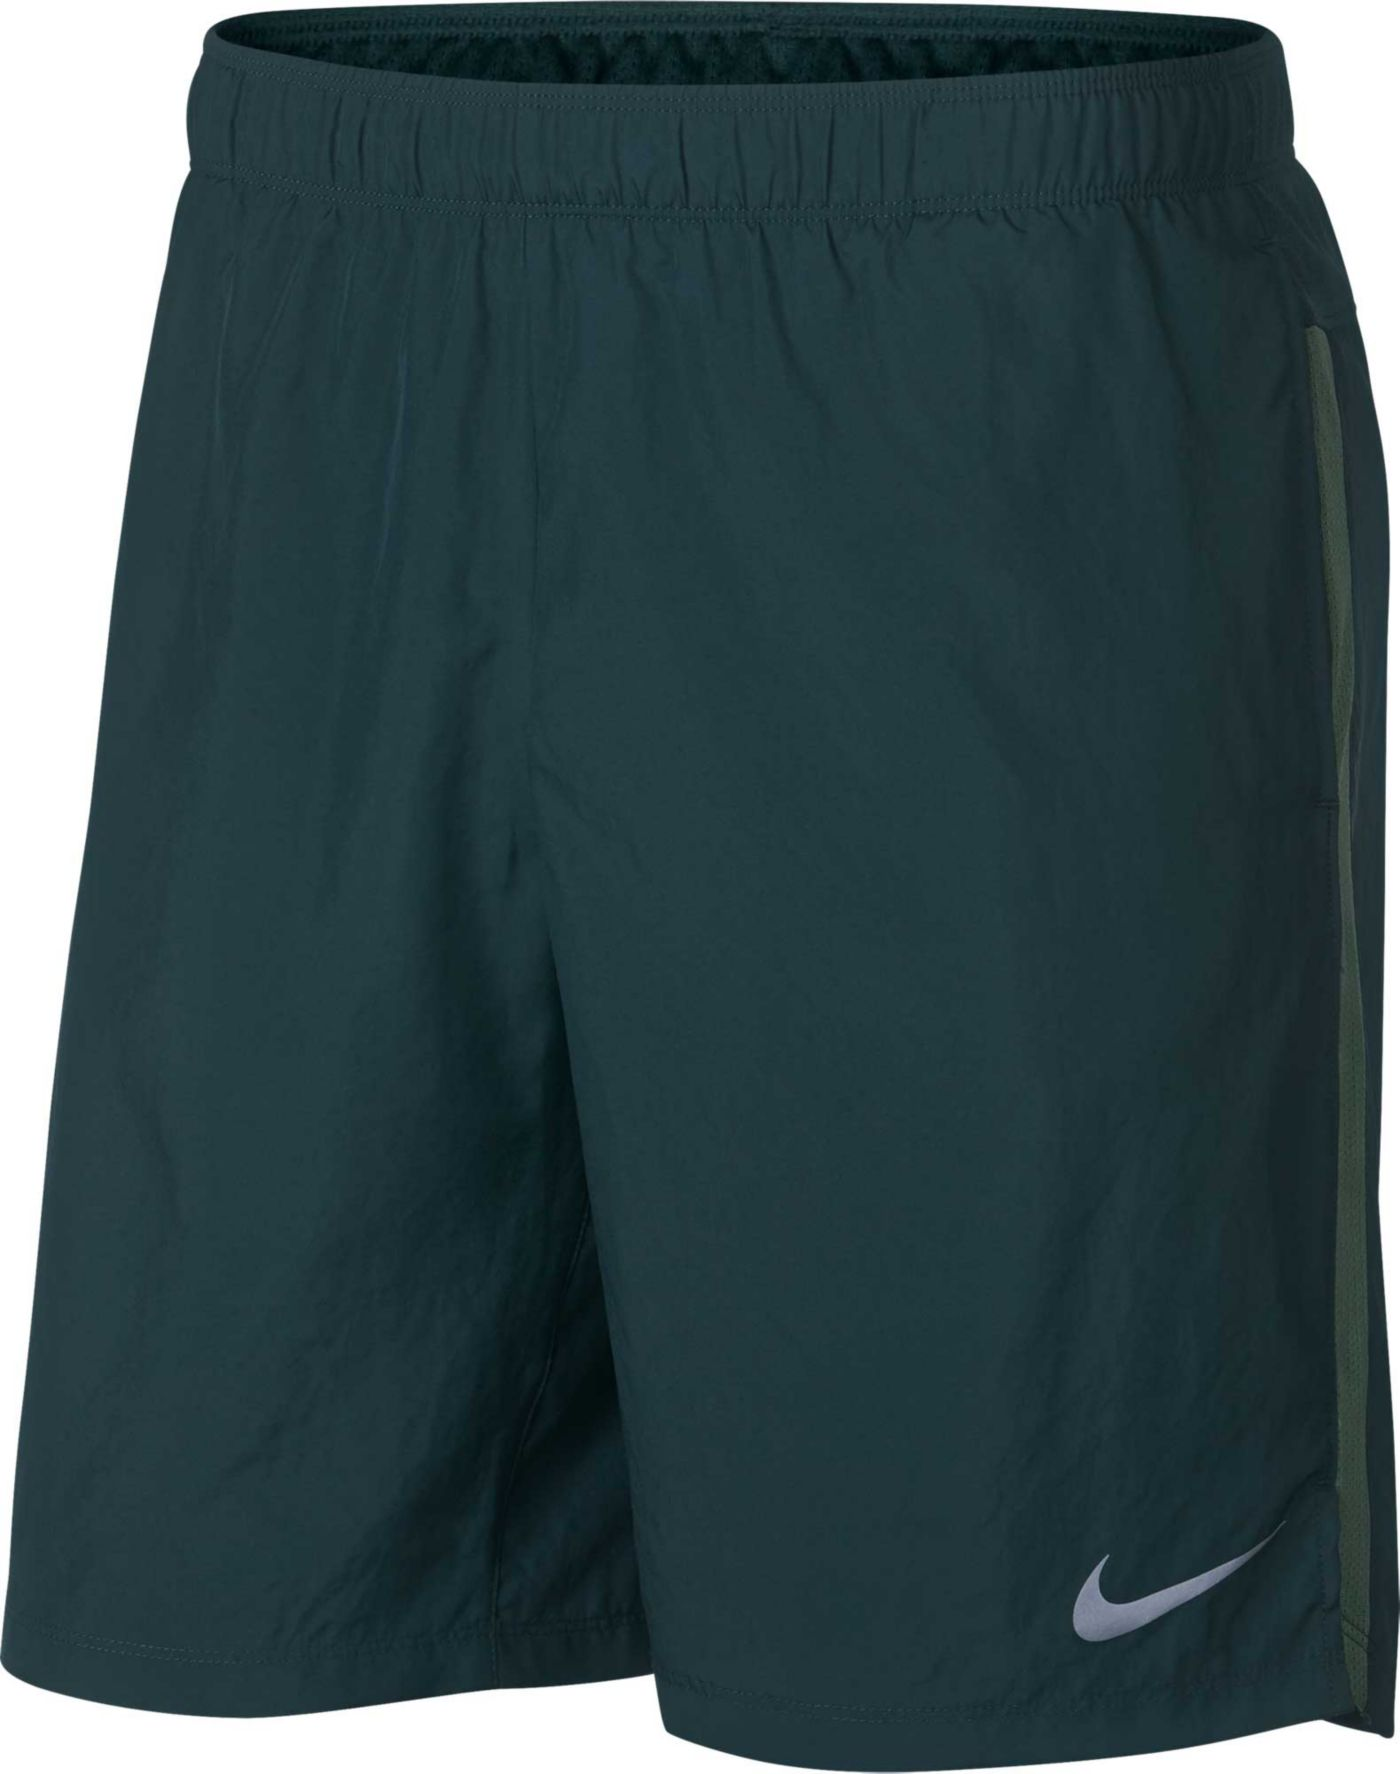 Nike Men's Dry Challenger Running Shorts